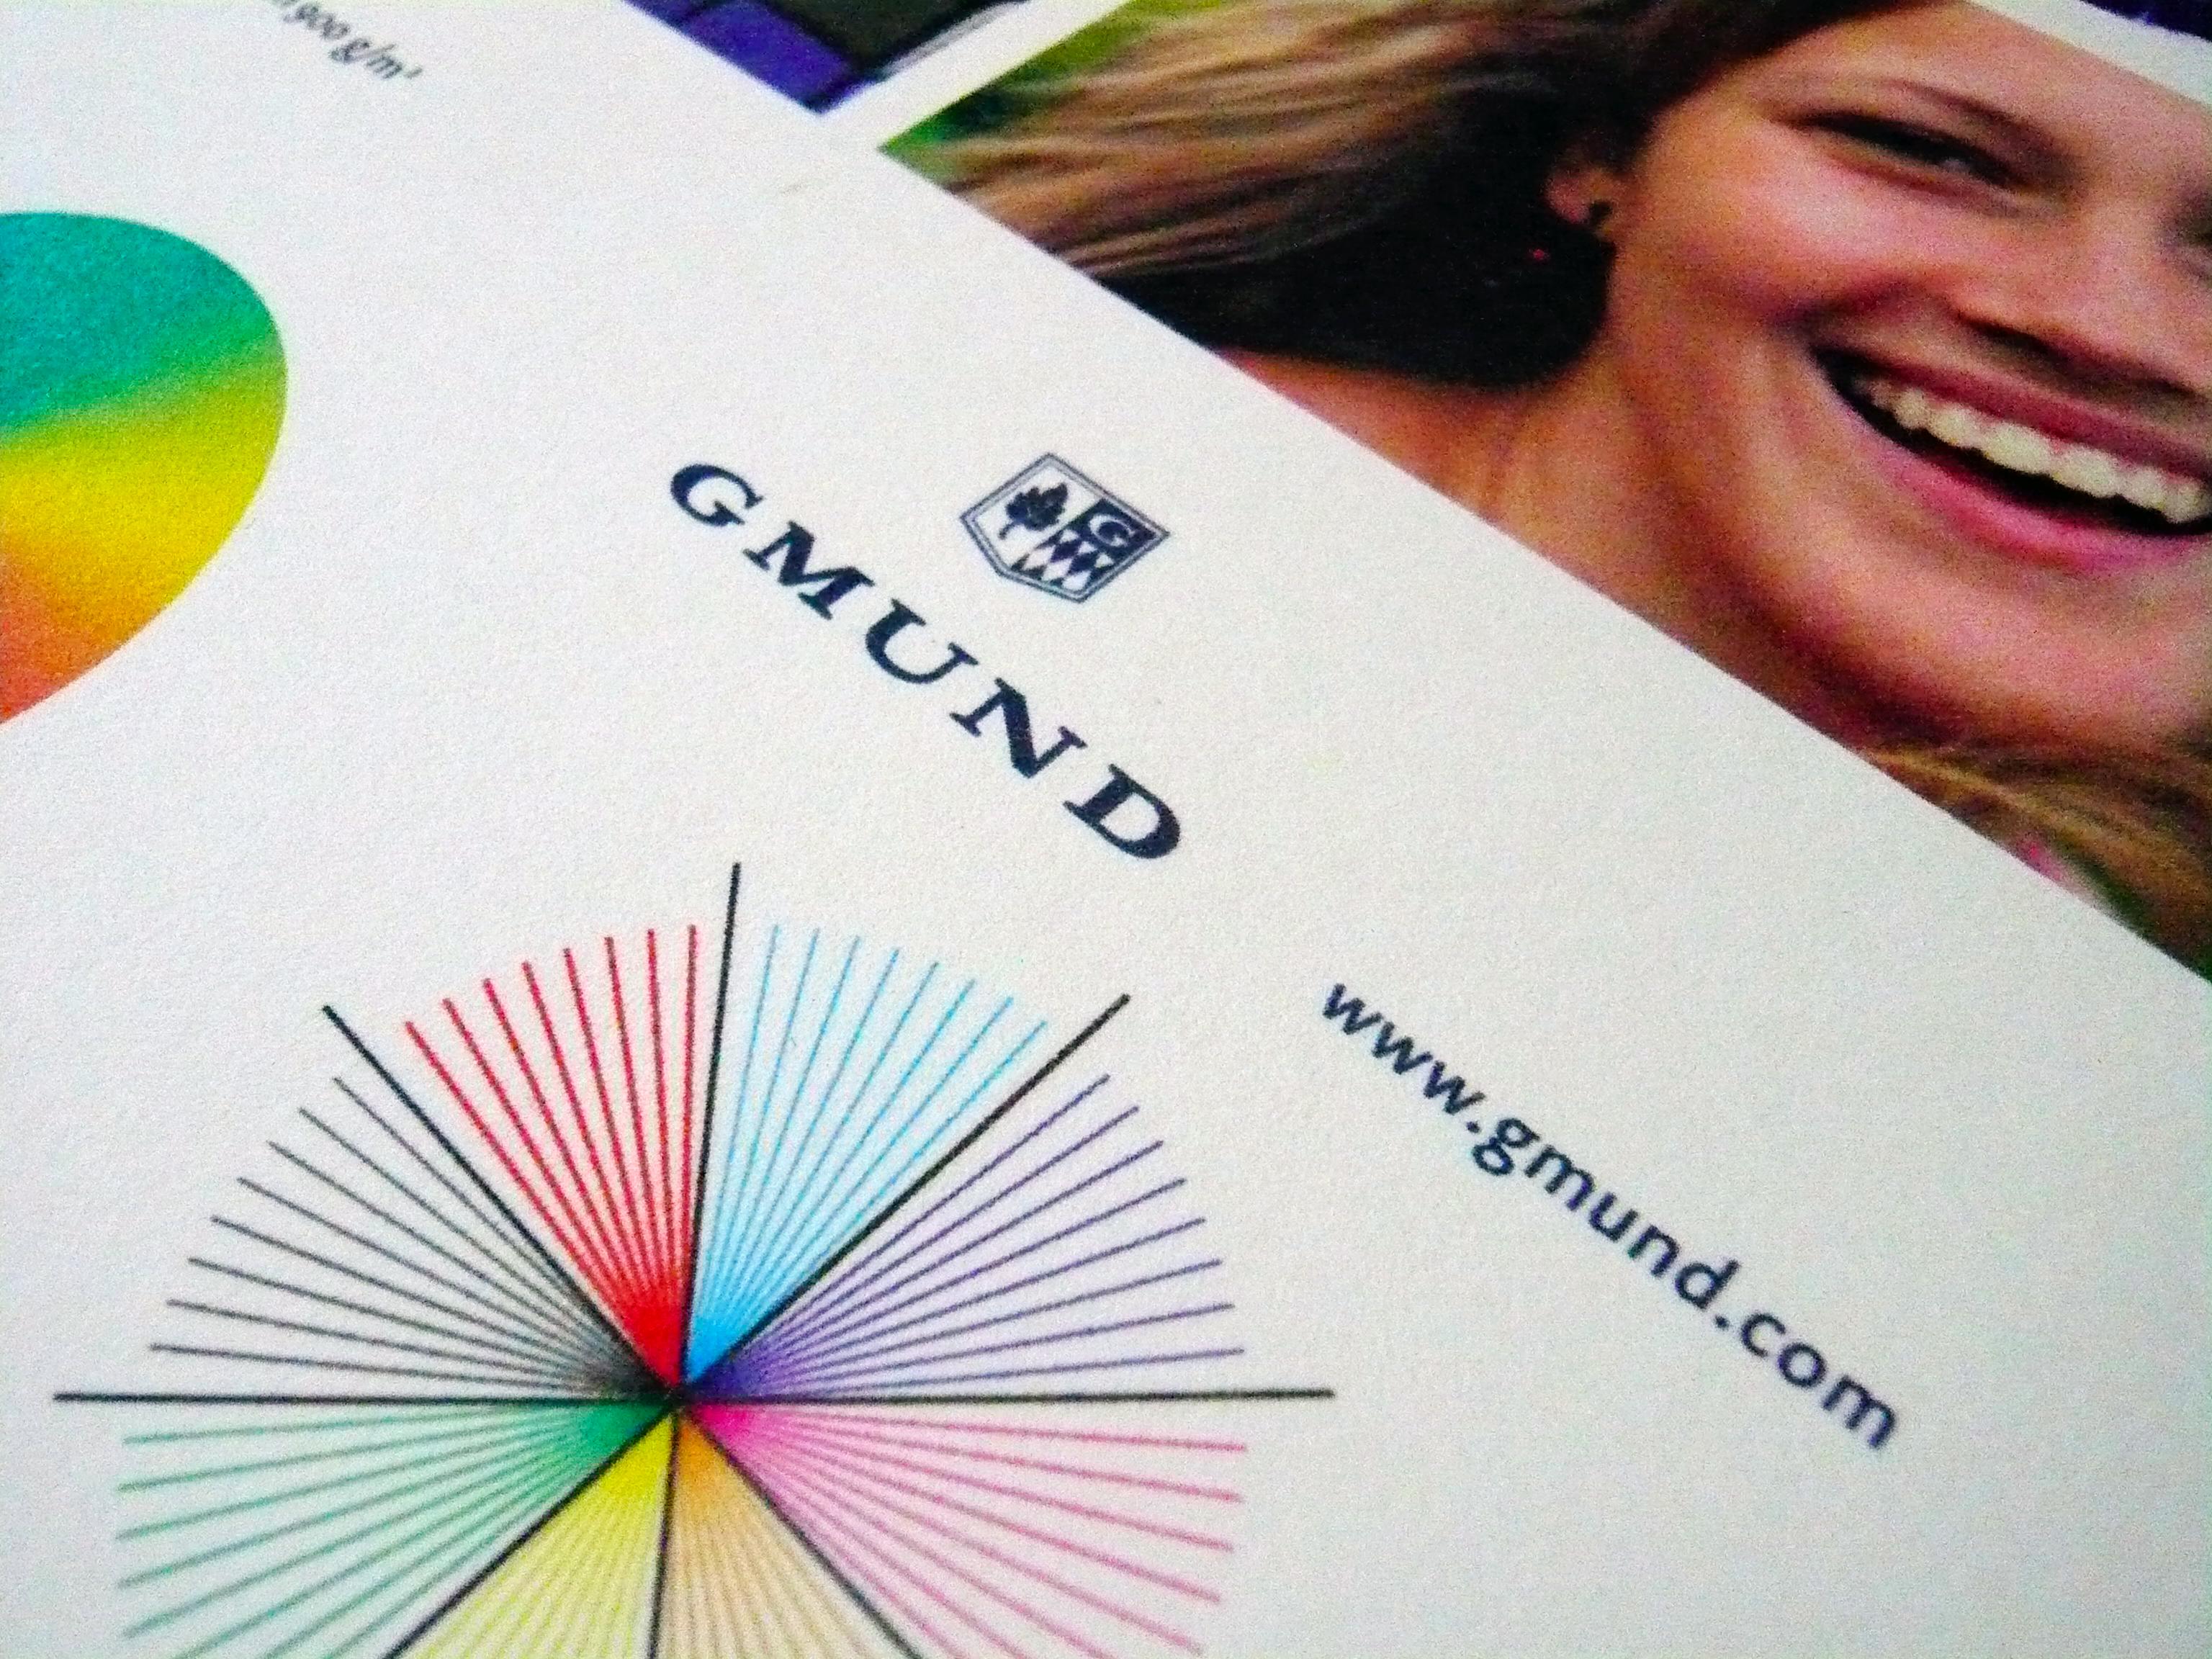 Drucktest auf Gmund Cotton 900g